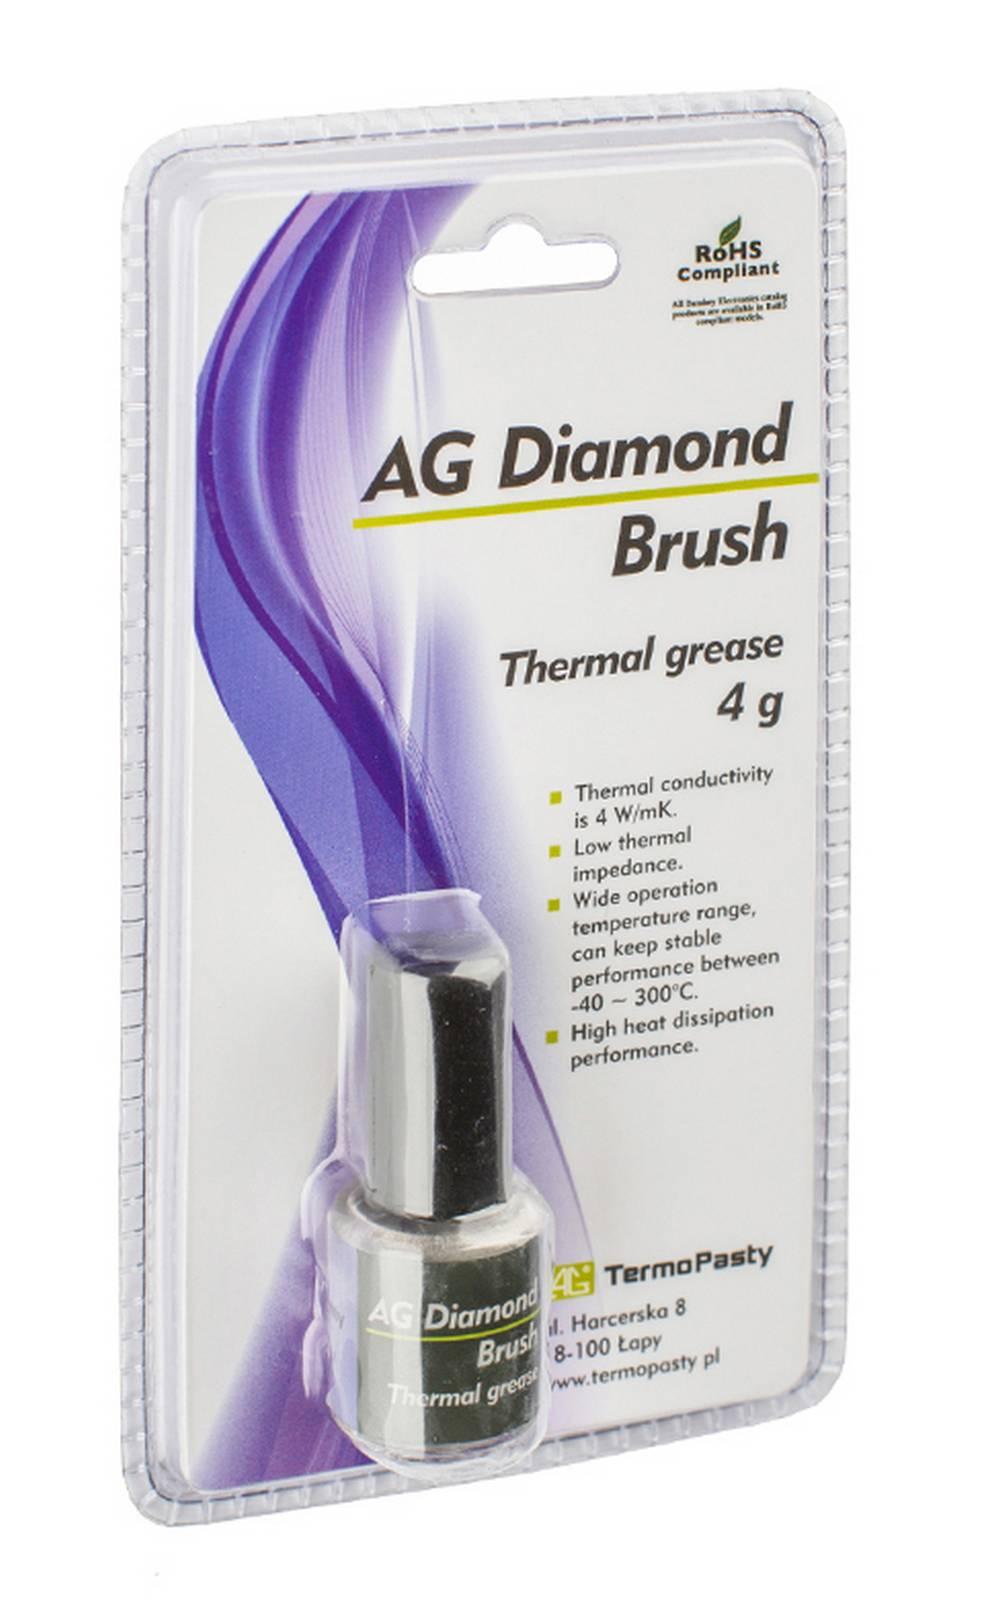 Θερμοαγώγιμη Πάστα TermoPasty AG Diamond Brush 4gr Κατάλληλο για Επεξεργαστές και Ολοκληρωμένα Κυκλώματα